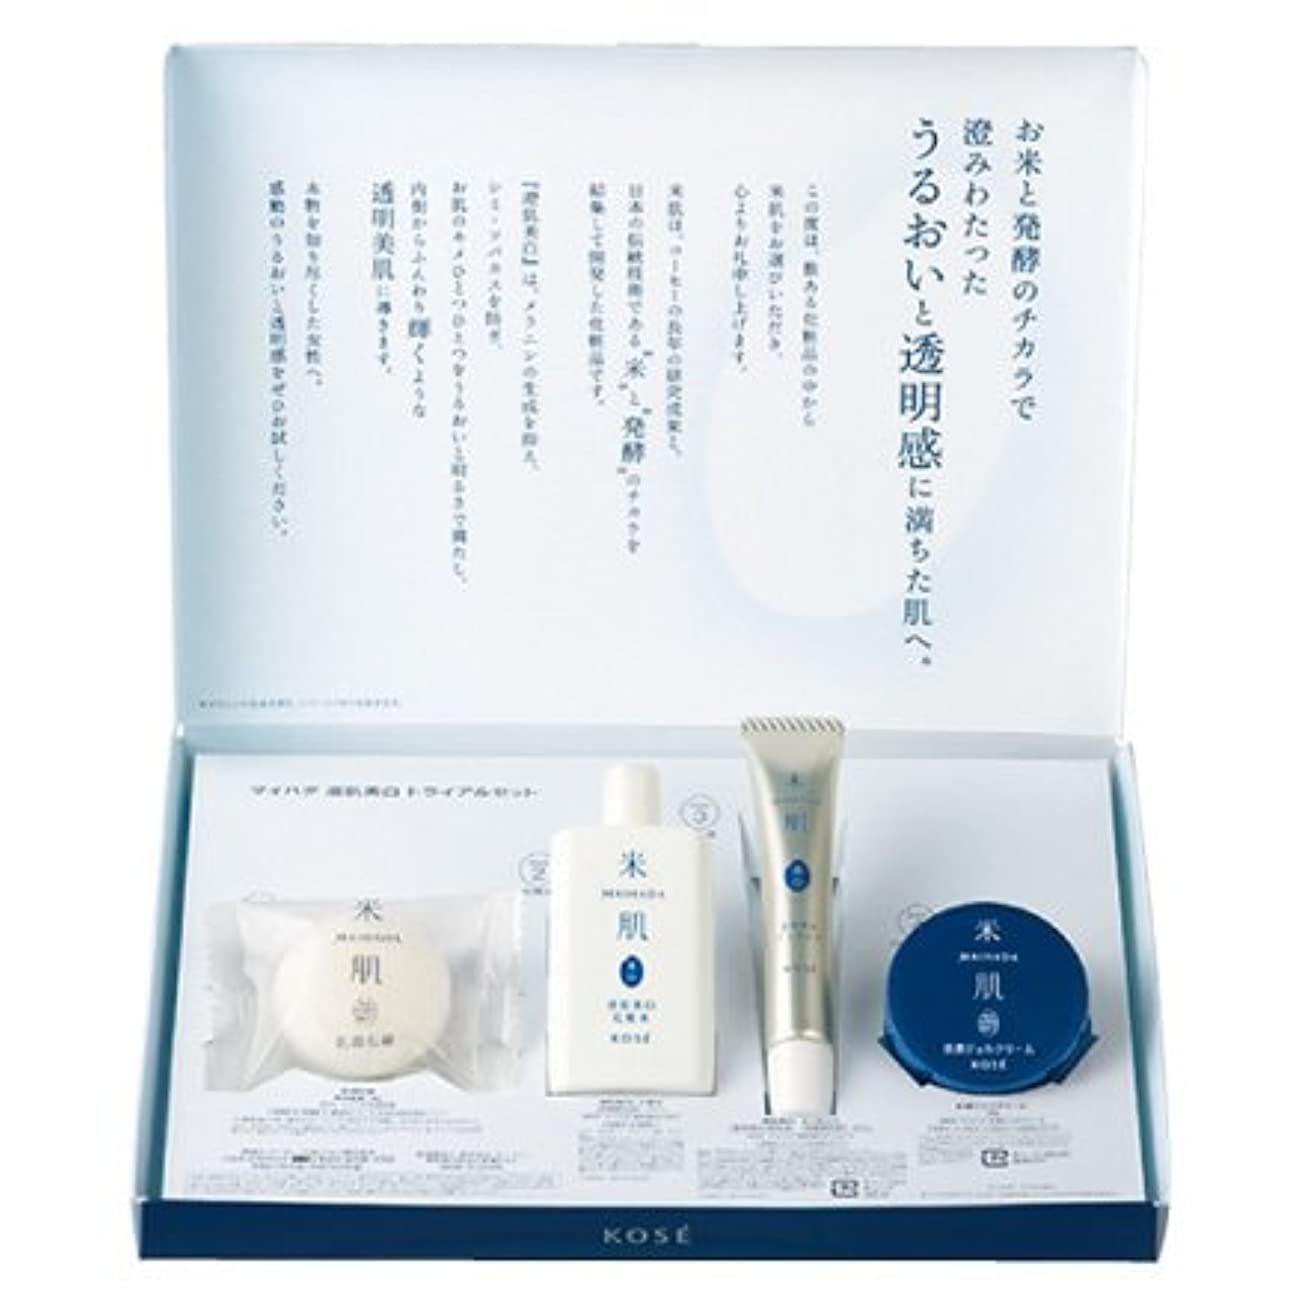 コインランドリーアブストラクト節約米肌(MAIHADA) 澄肌美白お試しセット